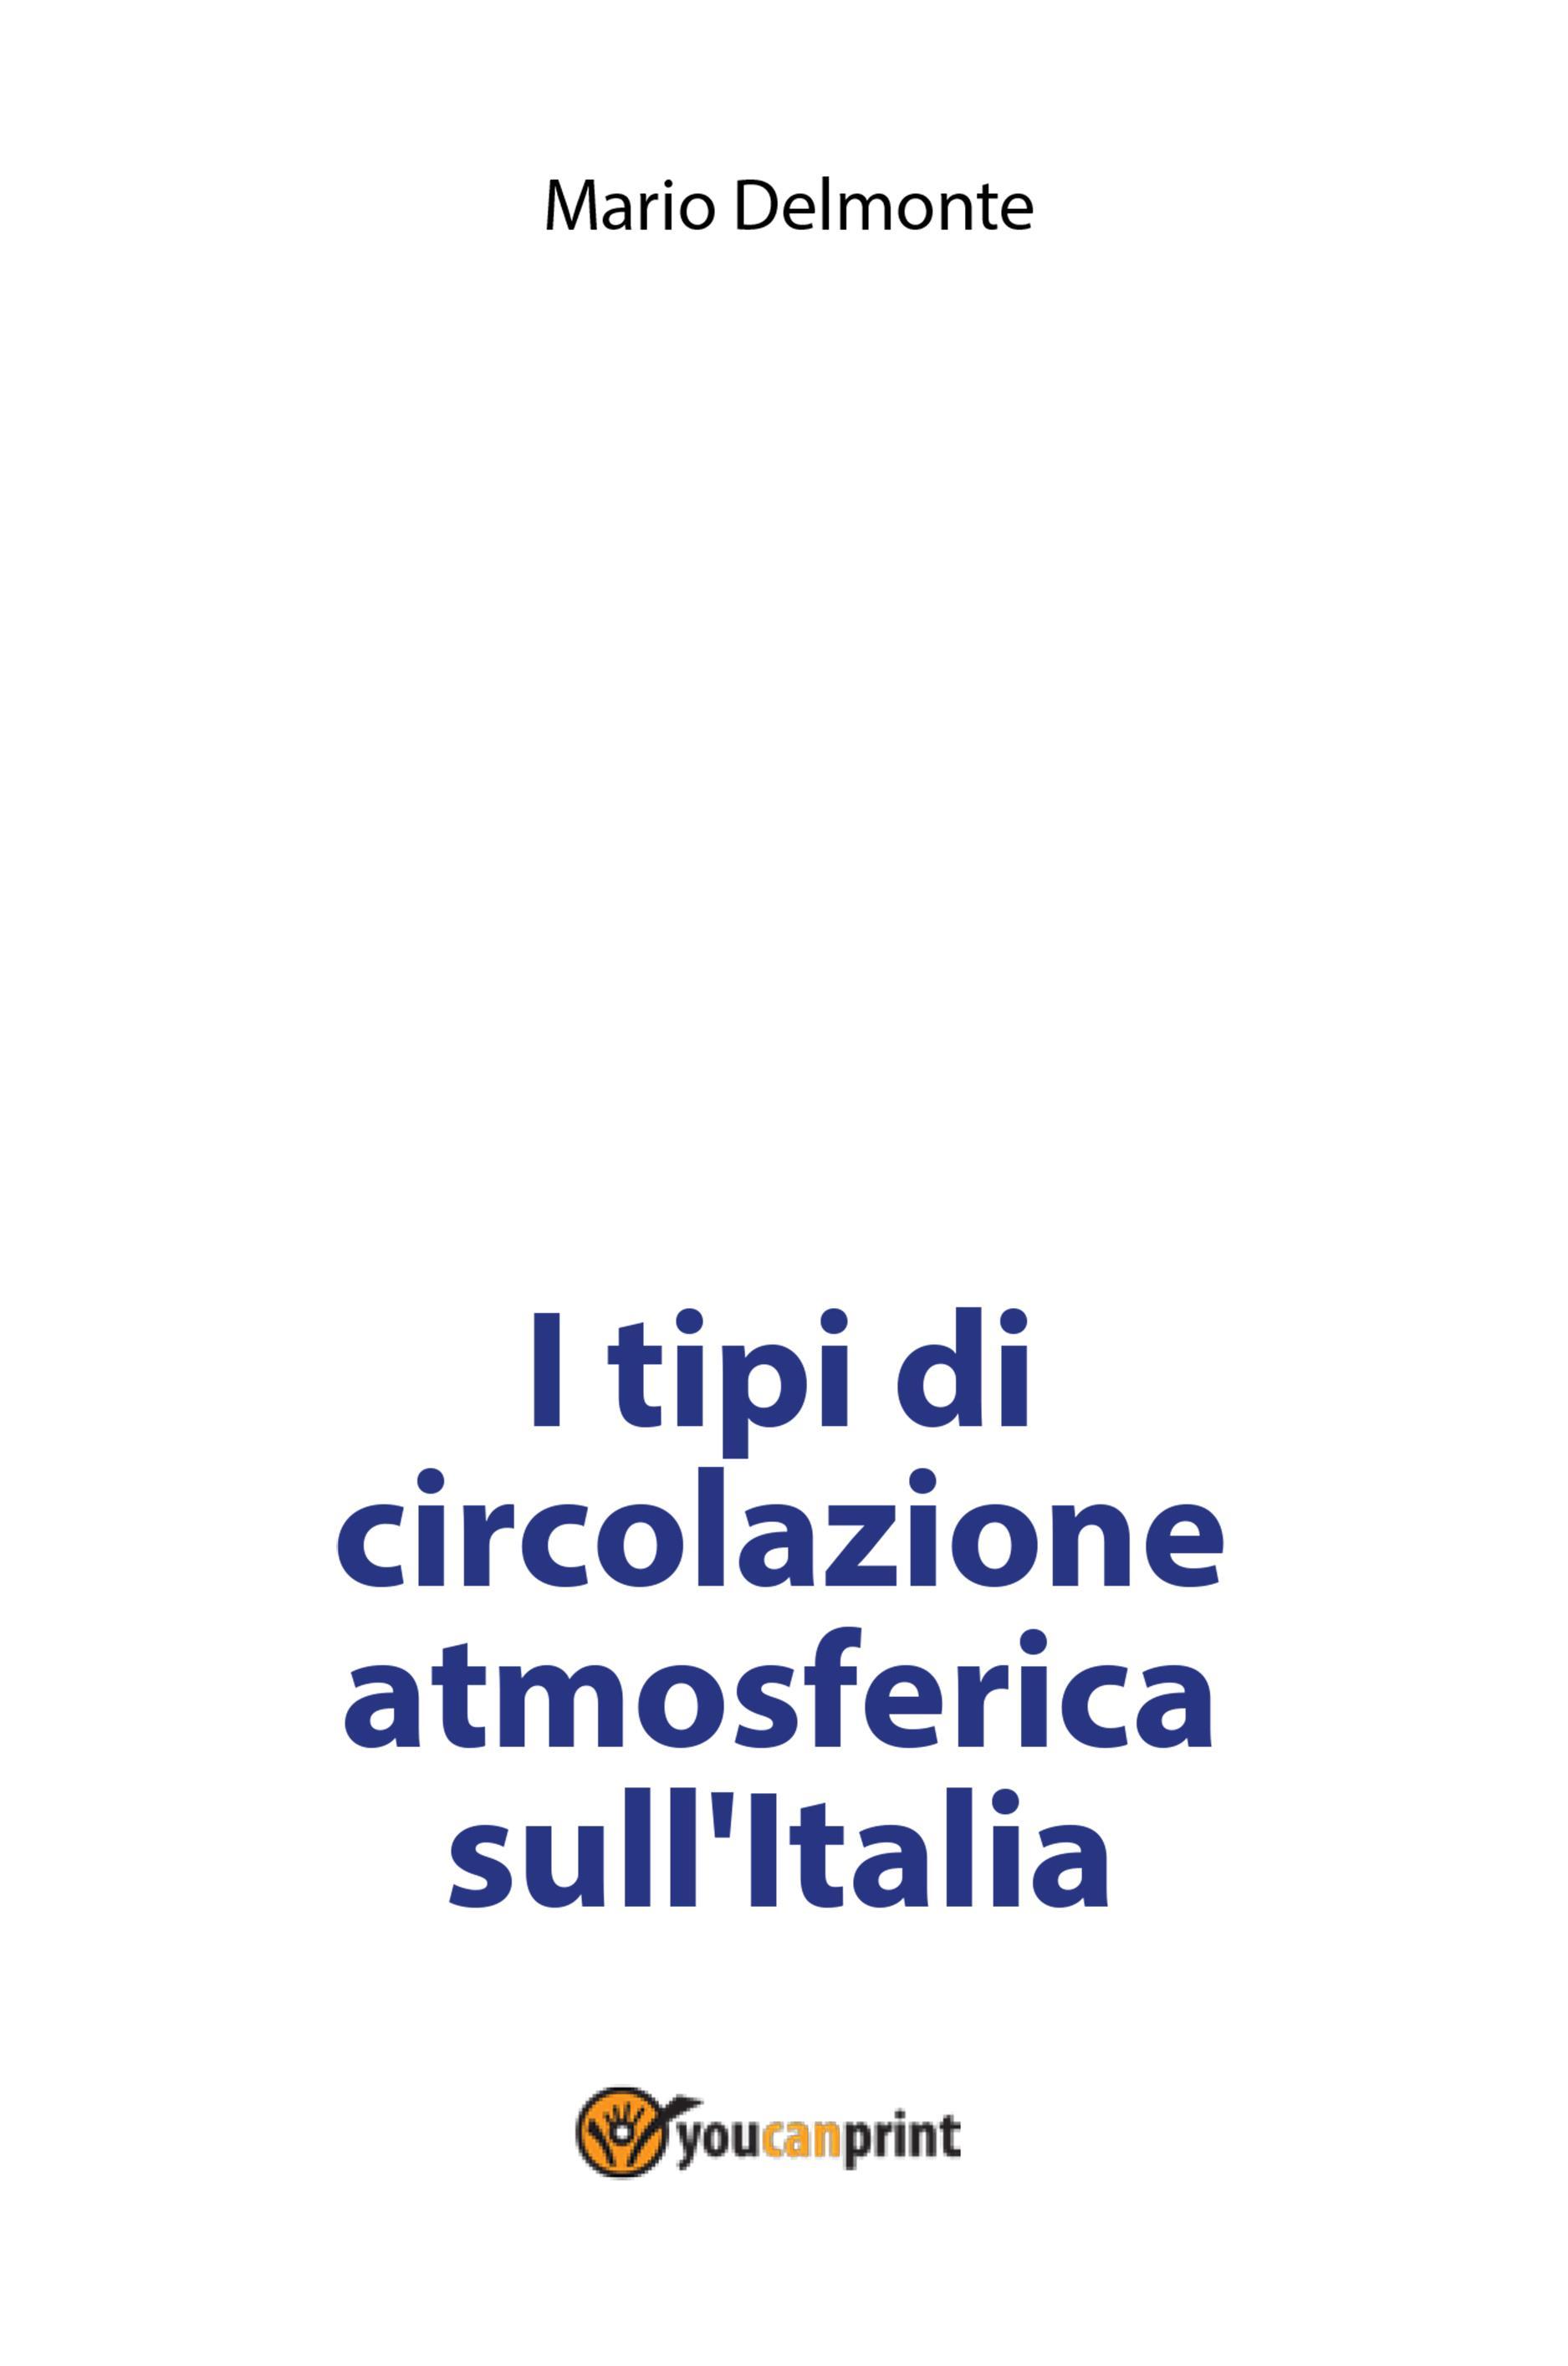 I tipi di circolazione atmosferica sull'Italia